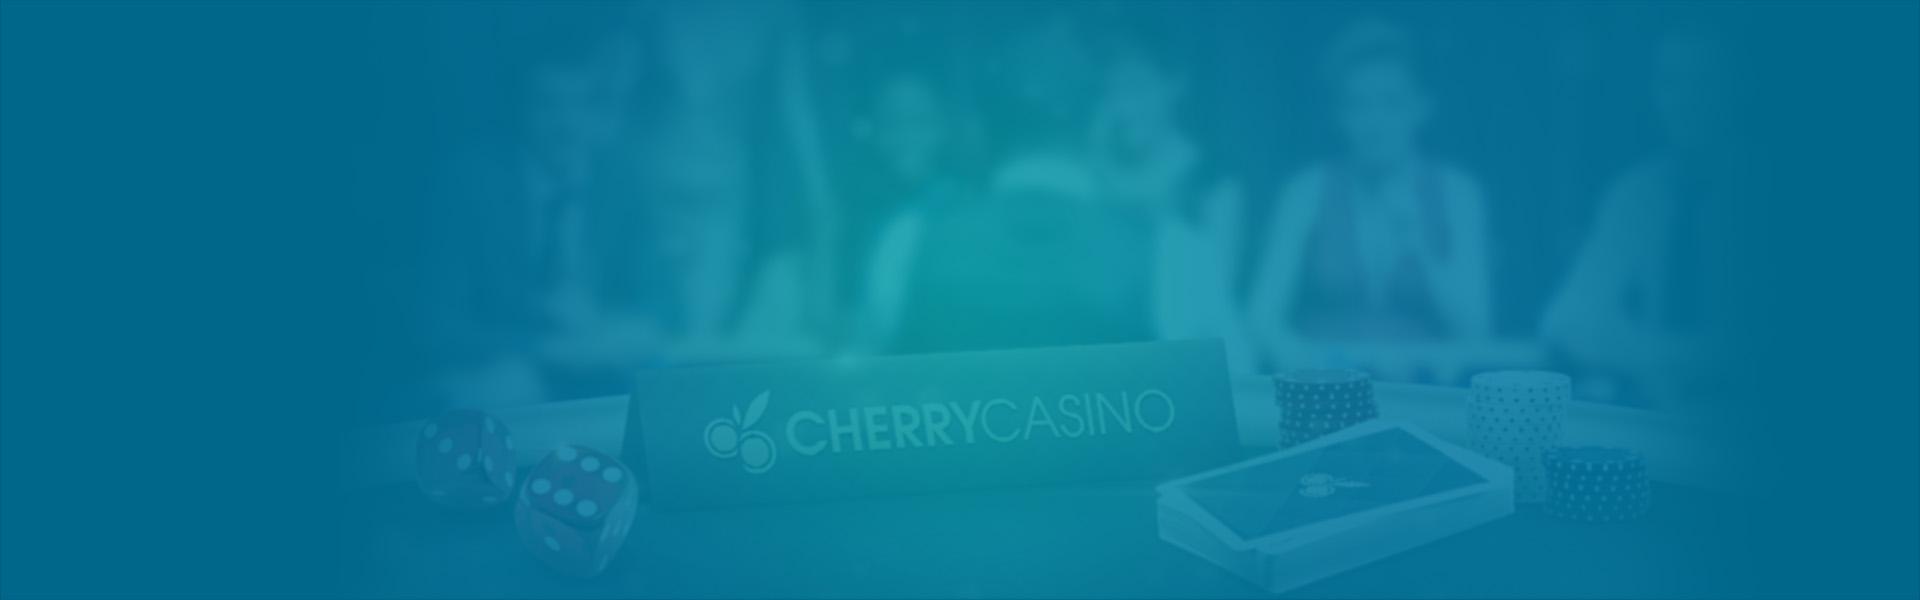 cherry casino 40 freispiele